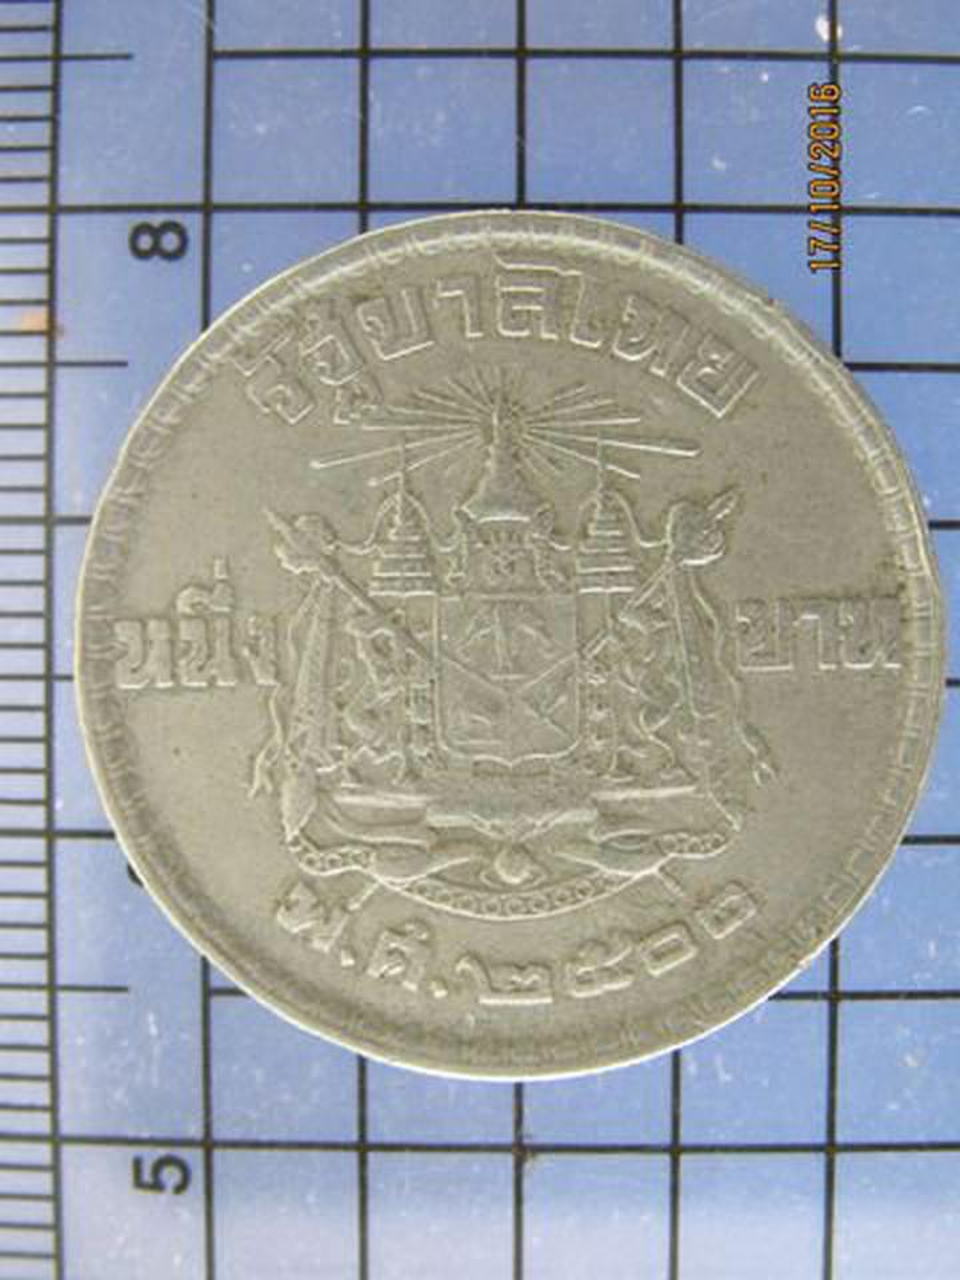 99 เหรียญกษาปณ์(ชนิดทองขาวตราแผ่นดิน พ.ศ.2500) ราคา 1 บาท  รูปที่ 3